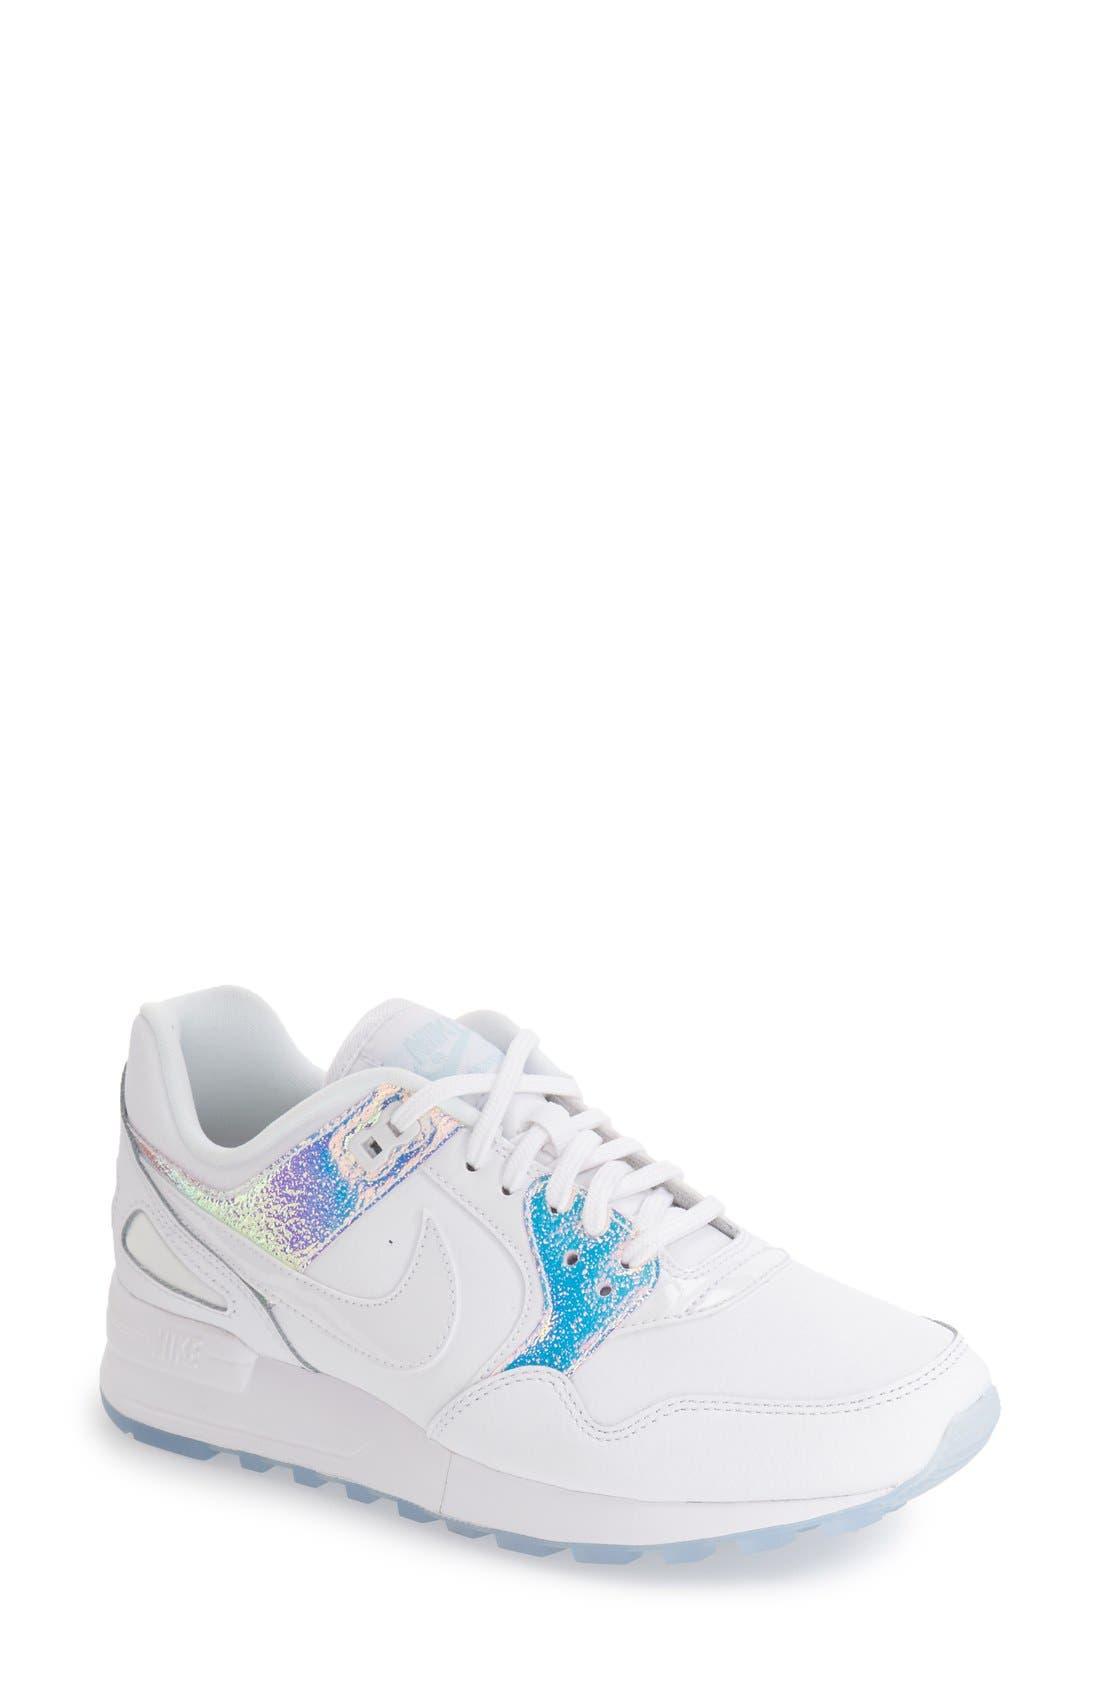 Alternate Image 1 Selected - Nike 'Air Pegasus 89' Sneaker (Women)